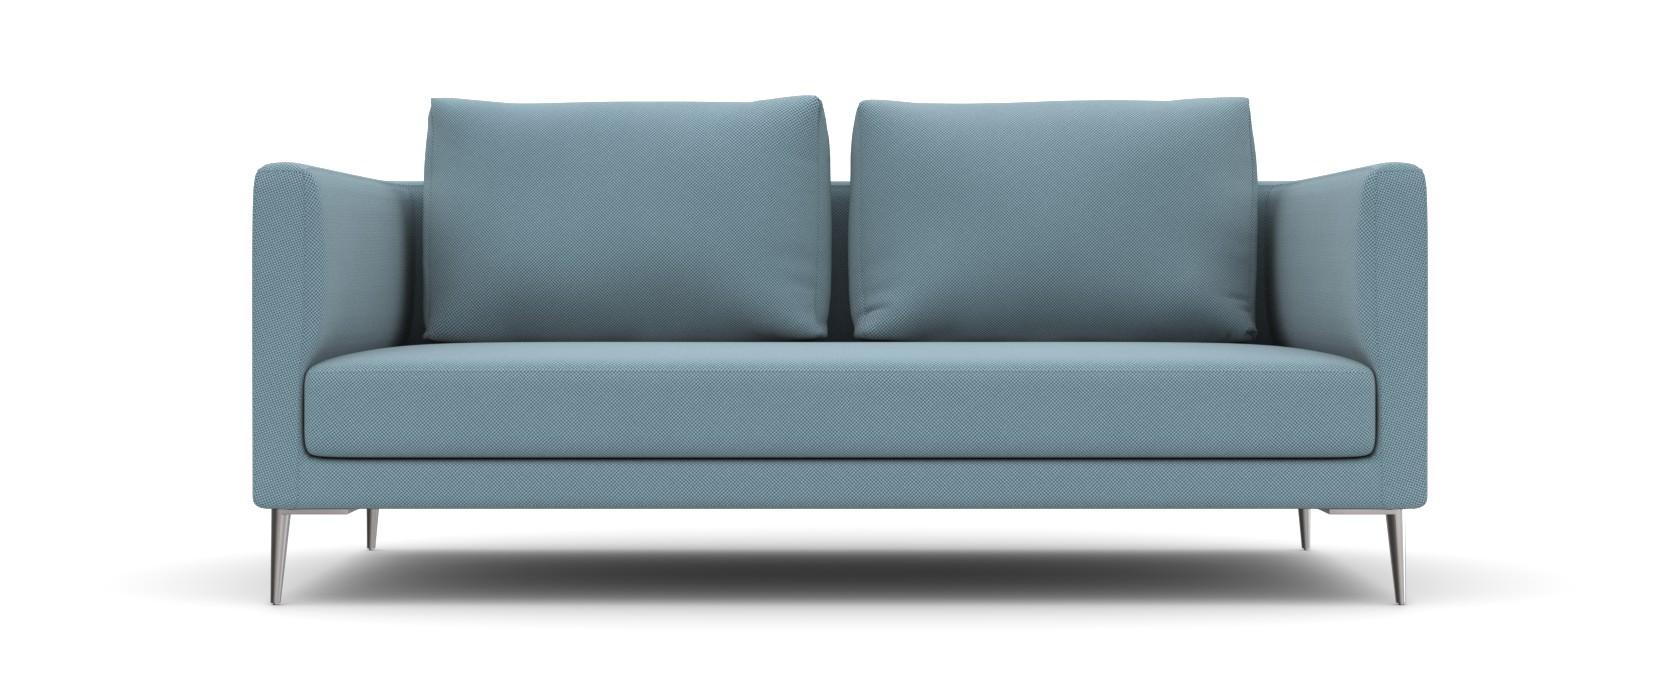 Двухместный диван Augusto - Pufetto